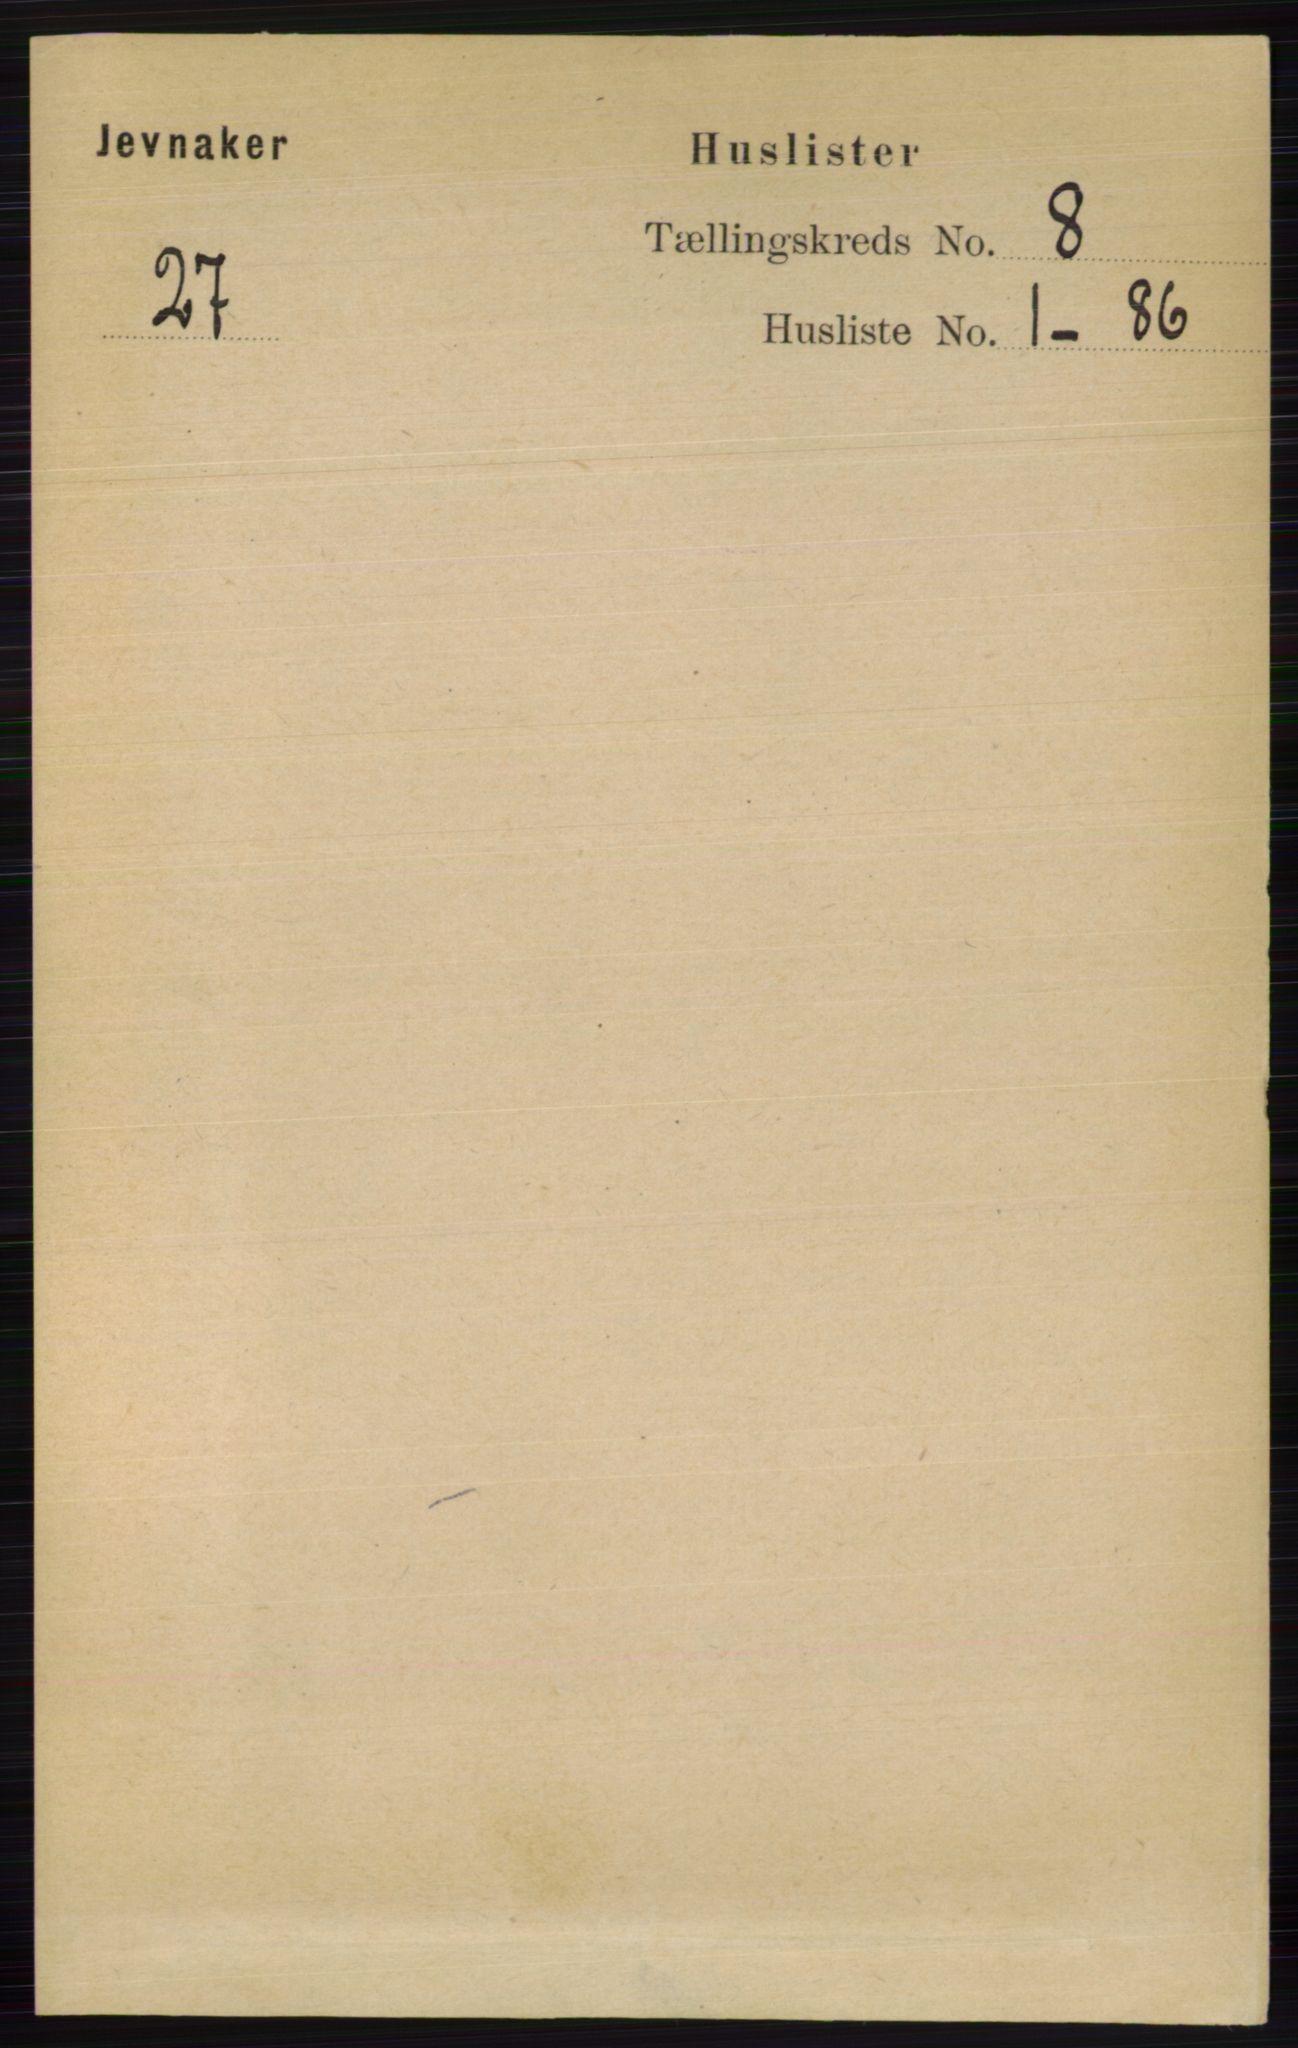 RA, Folketelling 1891 for 0532 Jevnaker herred, 1891, s. 4250